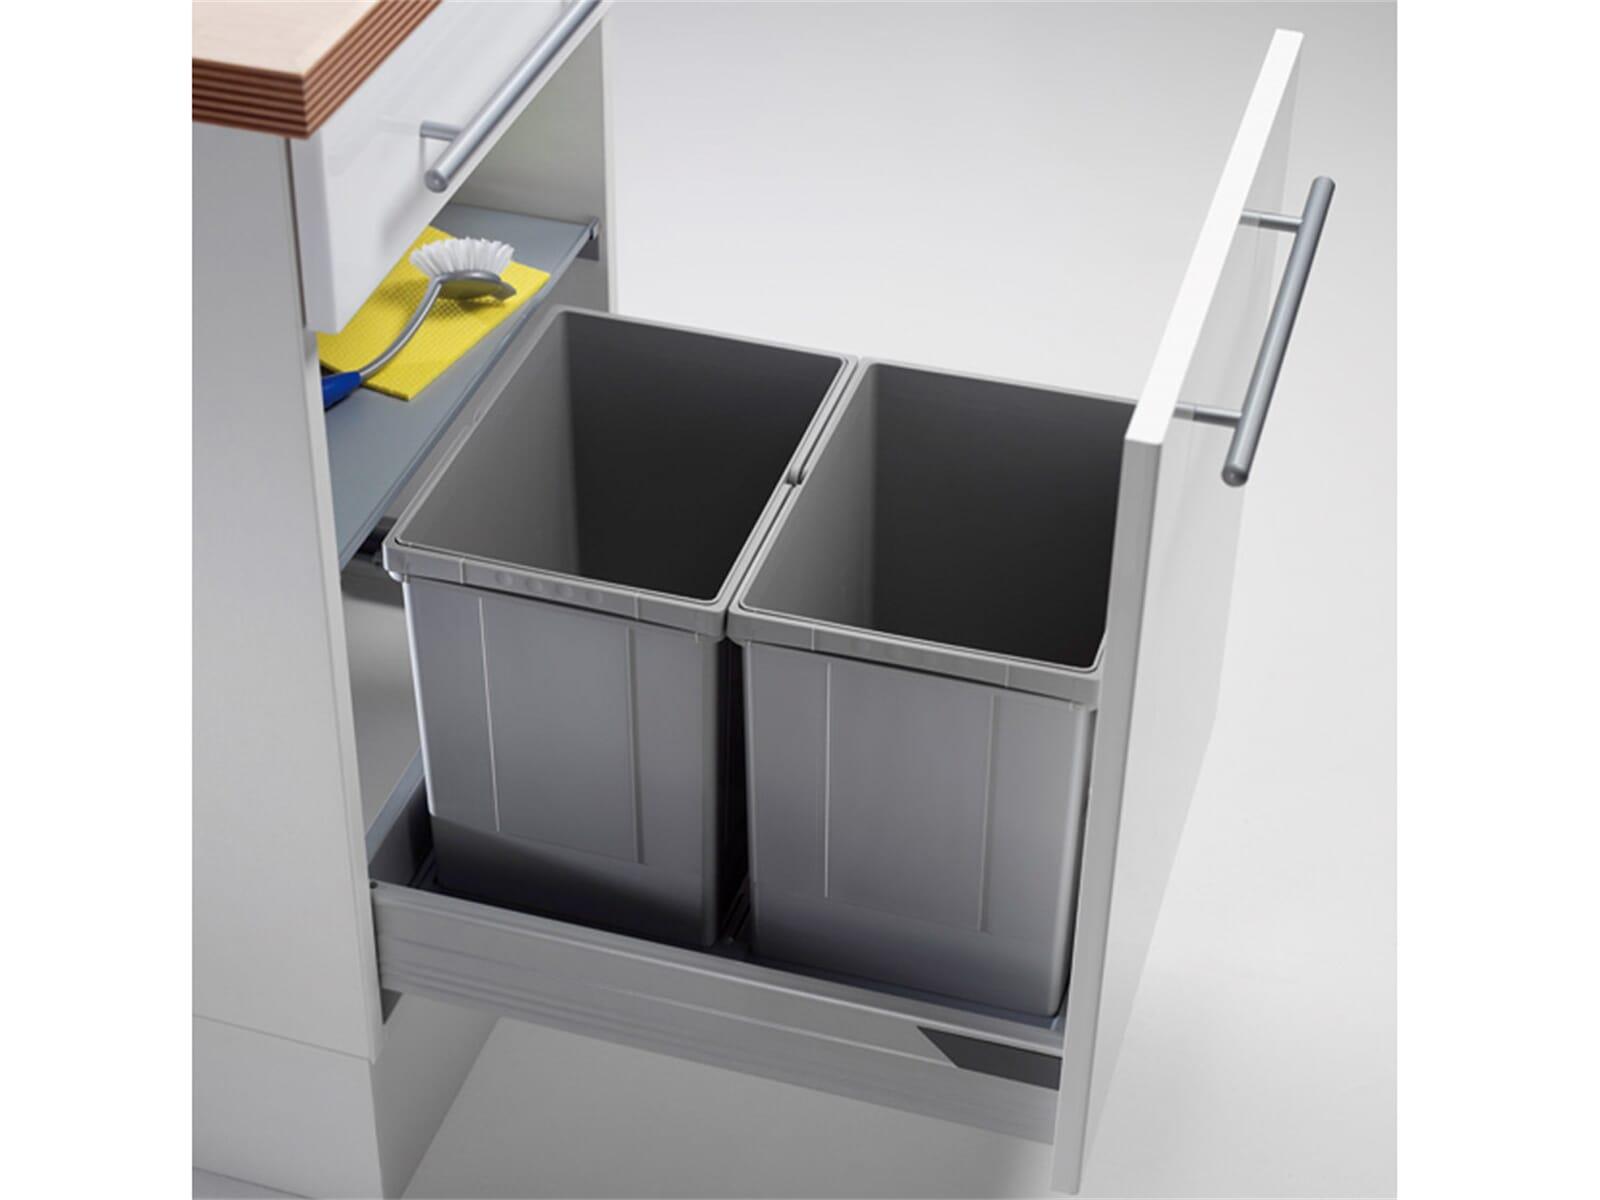 35 Perfekt Küchen Mülleimer Einbau | Küchen Ideen